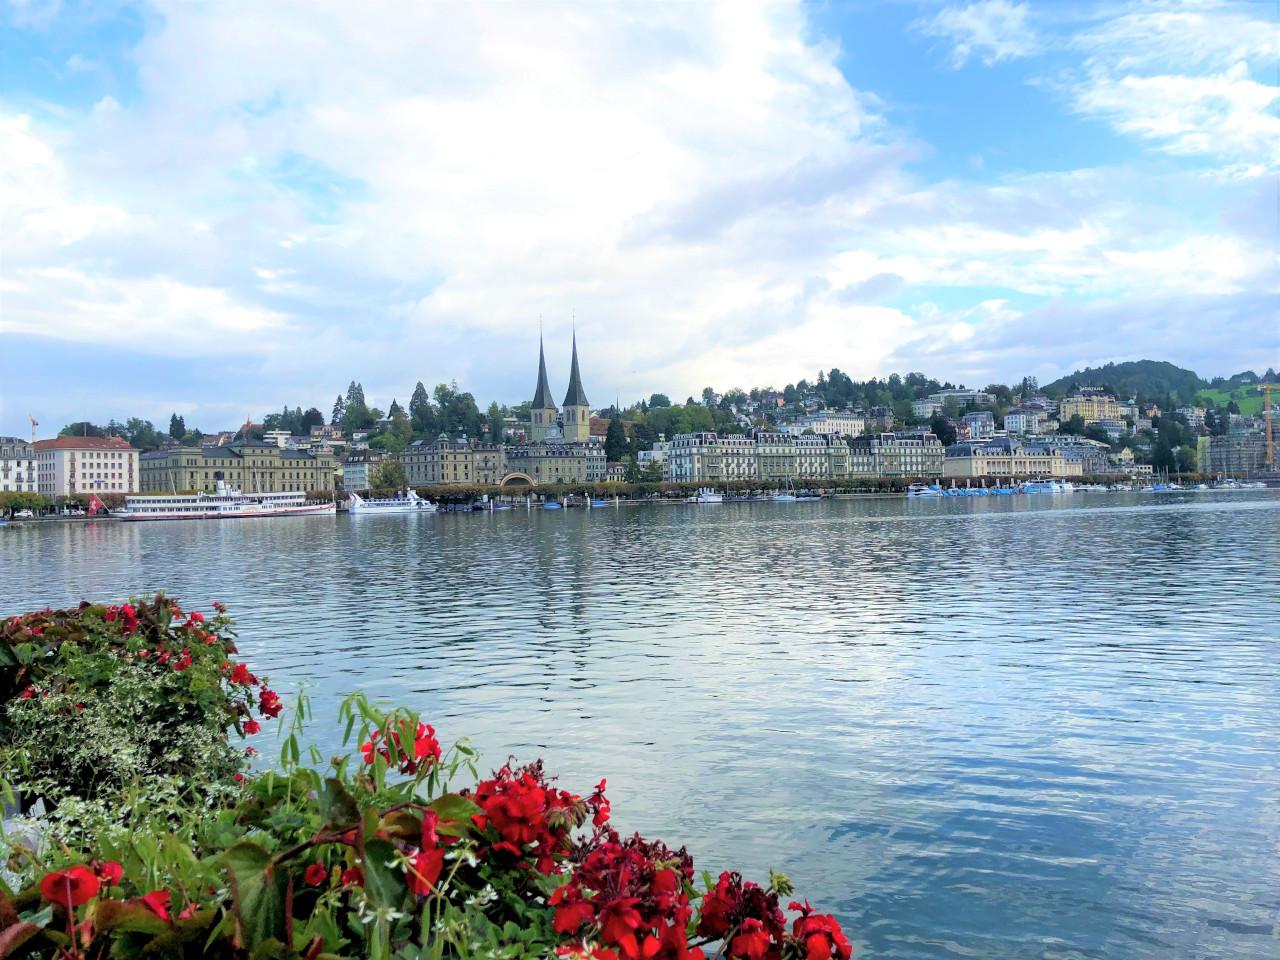 Озеро Люцерн, MyFaultyCompass. Ваш исчерпывающий путеводитель по Люцерну с лучшими развлечениями в Люцерне, однодневными поездками из Люцерна, ресторанами в Люцерне, местами для отдыха в Люцерне и многим другим.